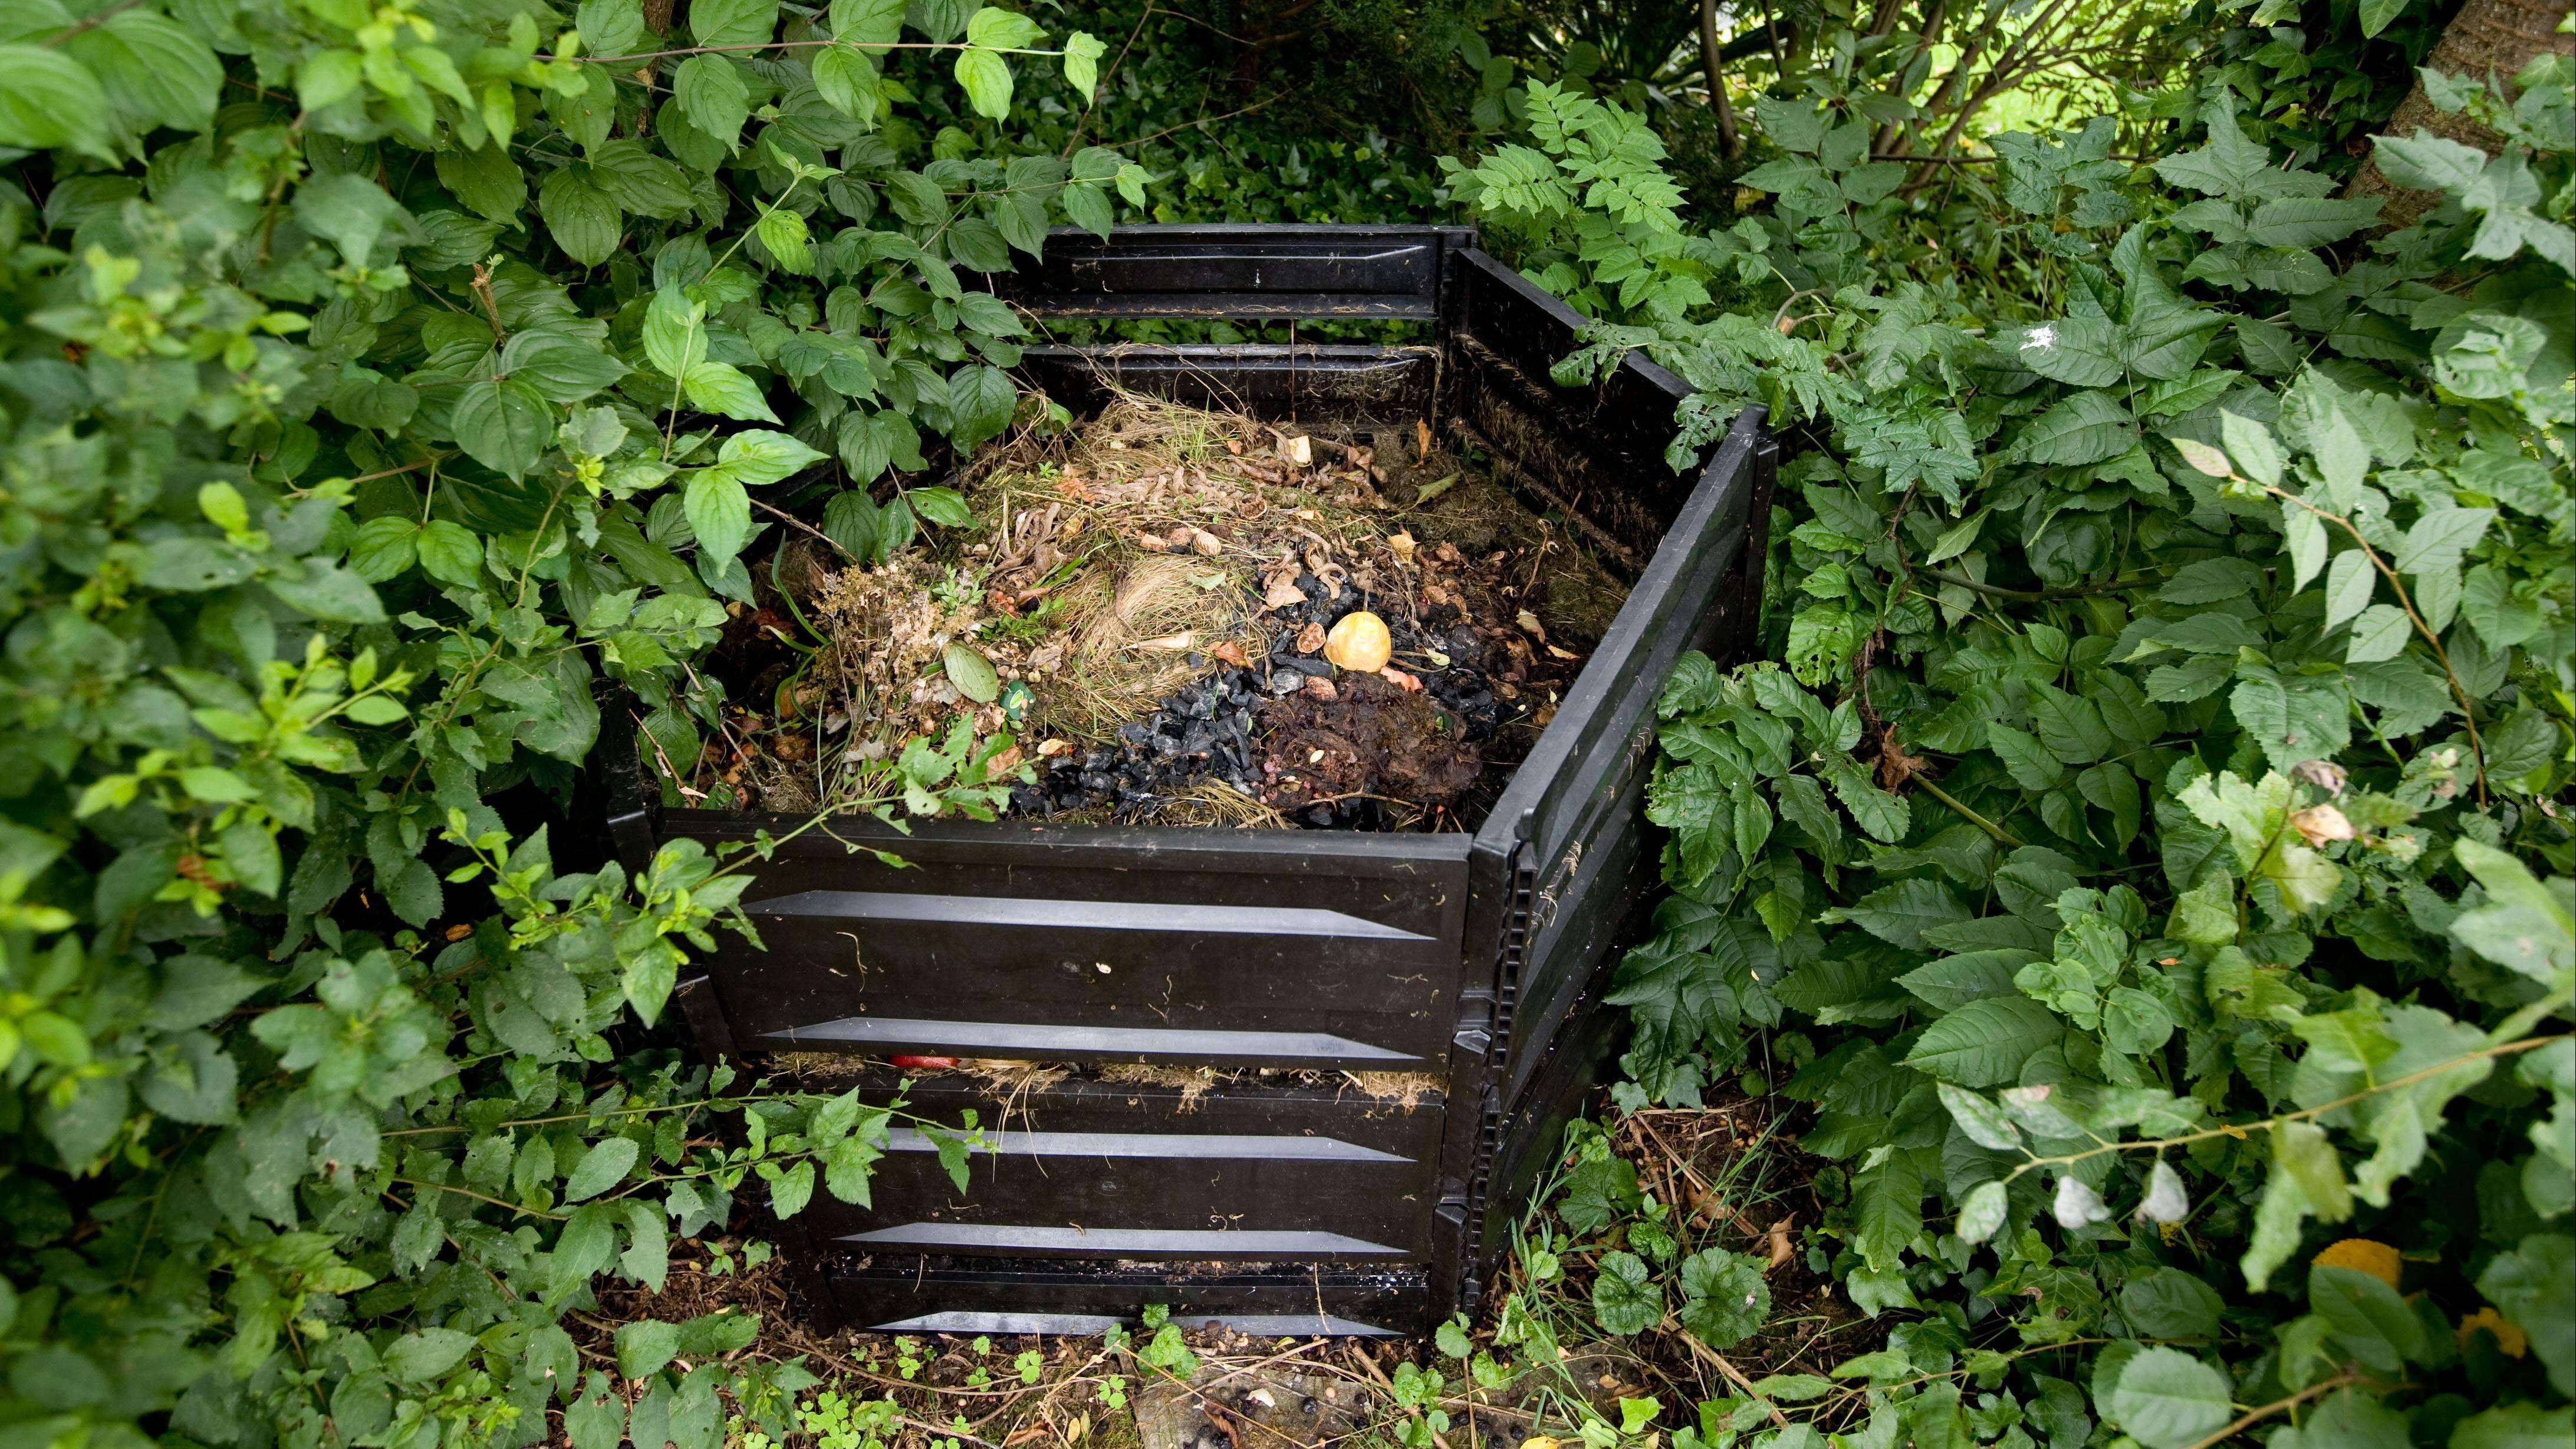 Überdüngung des Bodens: Auswirkungen auf Pflanzen